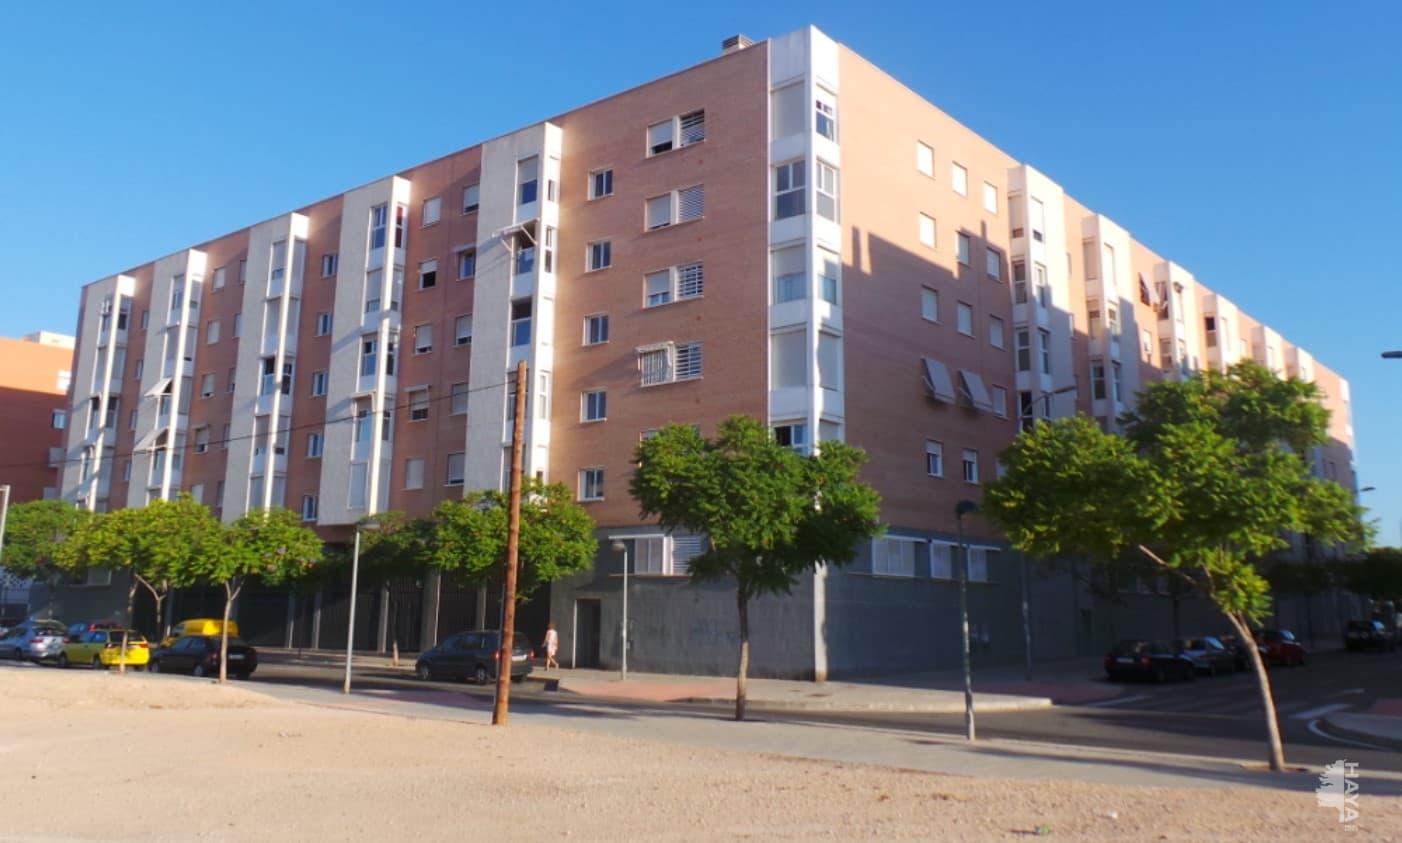 Piso en venta en Parque de la Avenidas, Alicante/alacant, Alicante, Calle los Montesinos, 153.000 €, 2 baños, 174 m2